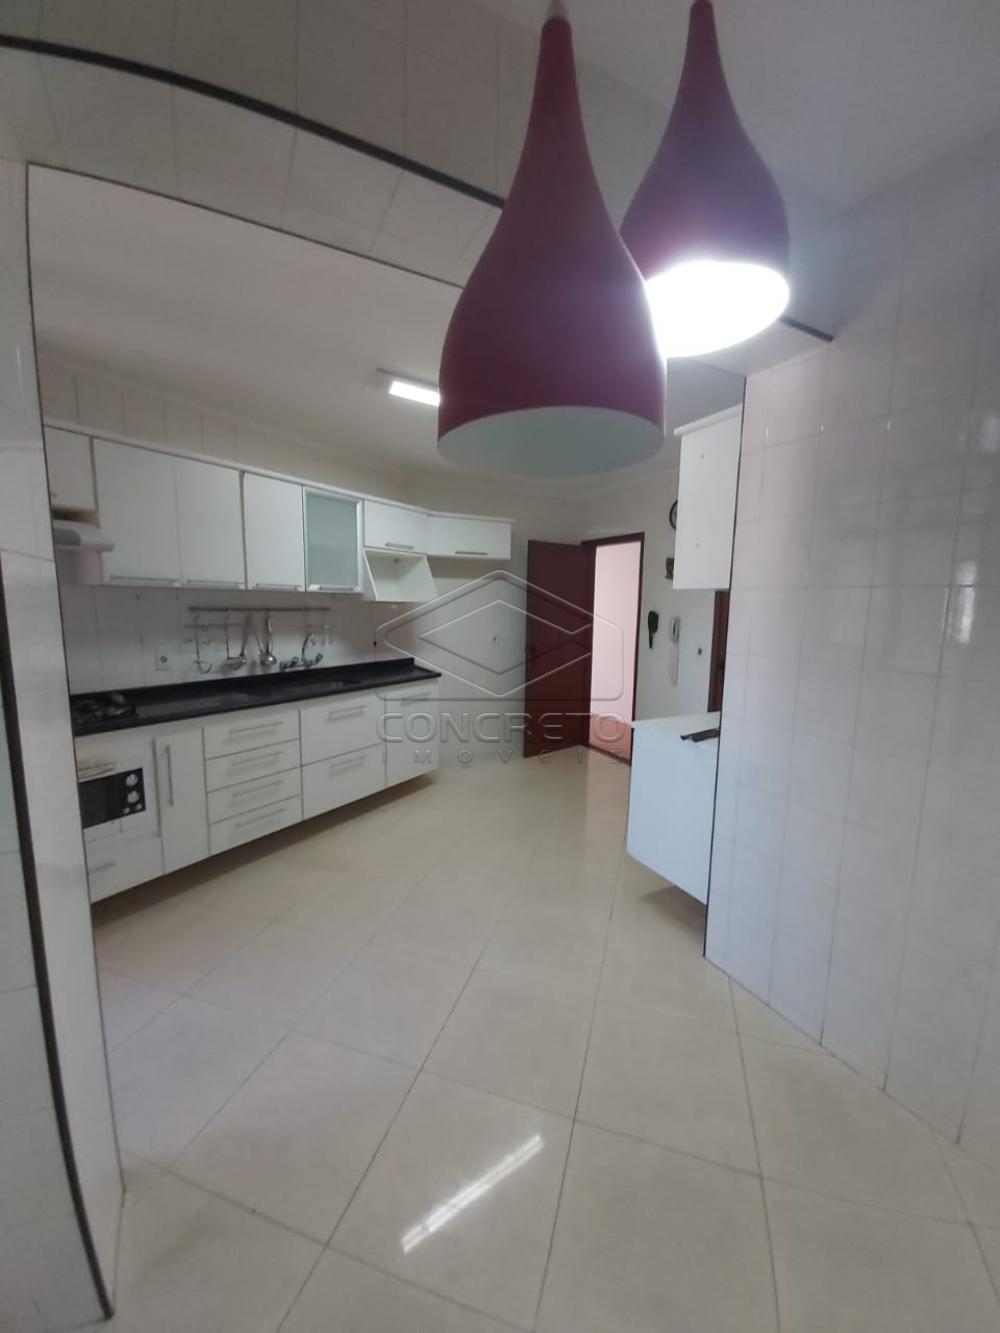 Comprar Apartamento / Padrão em Bauru R$ 510.000,00 - Foto 7